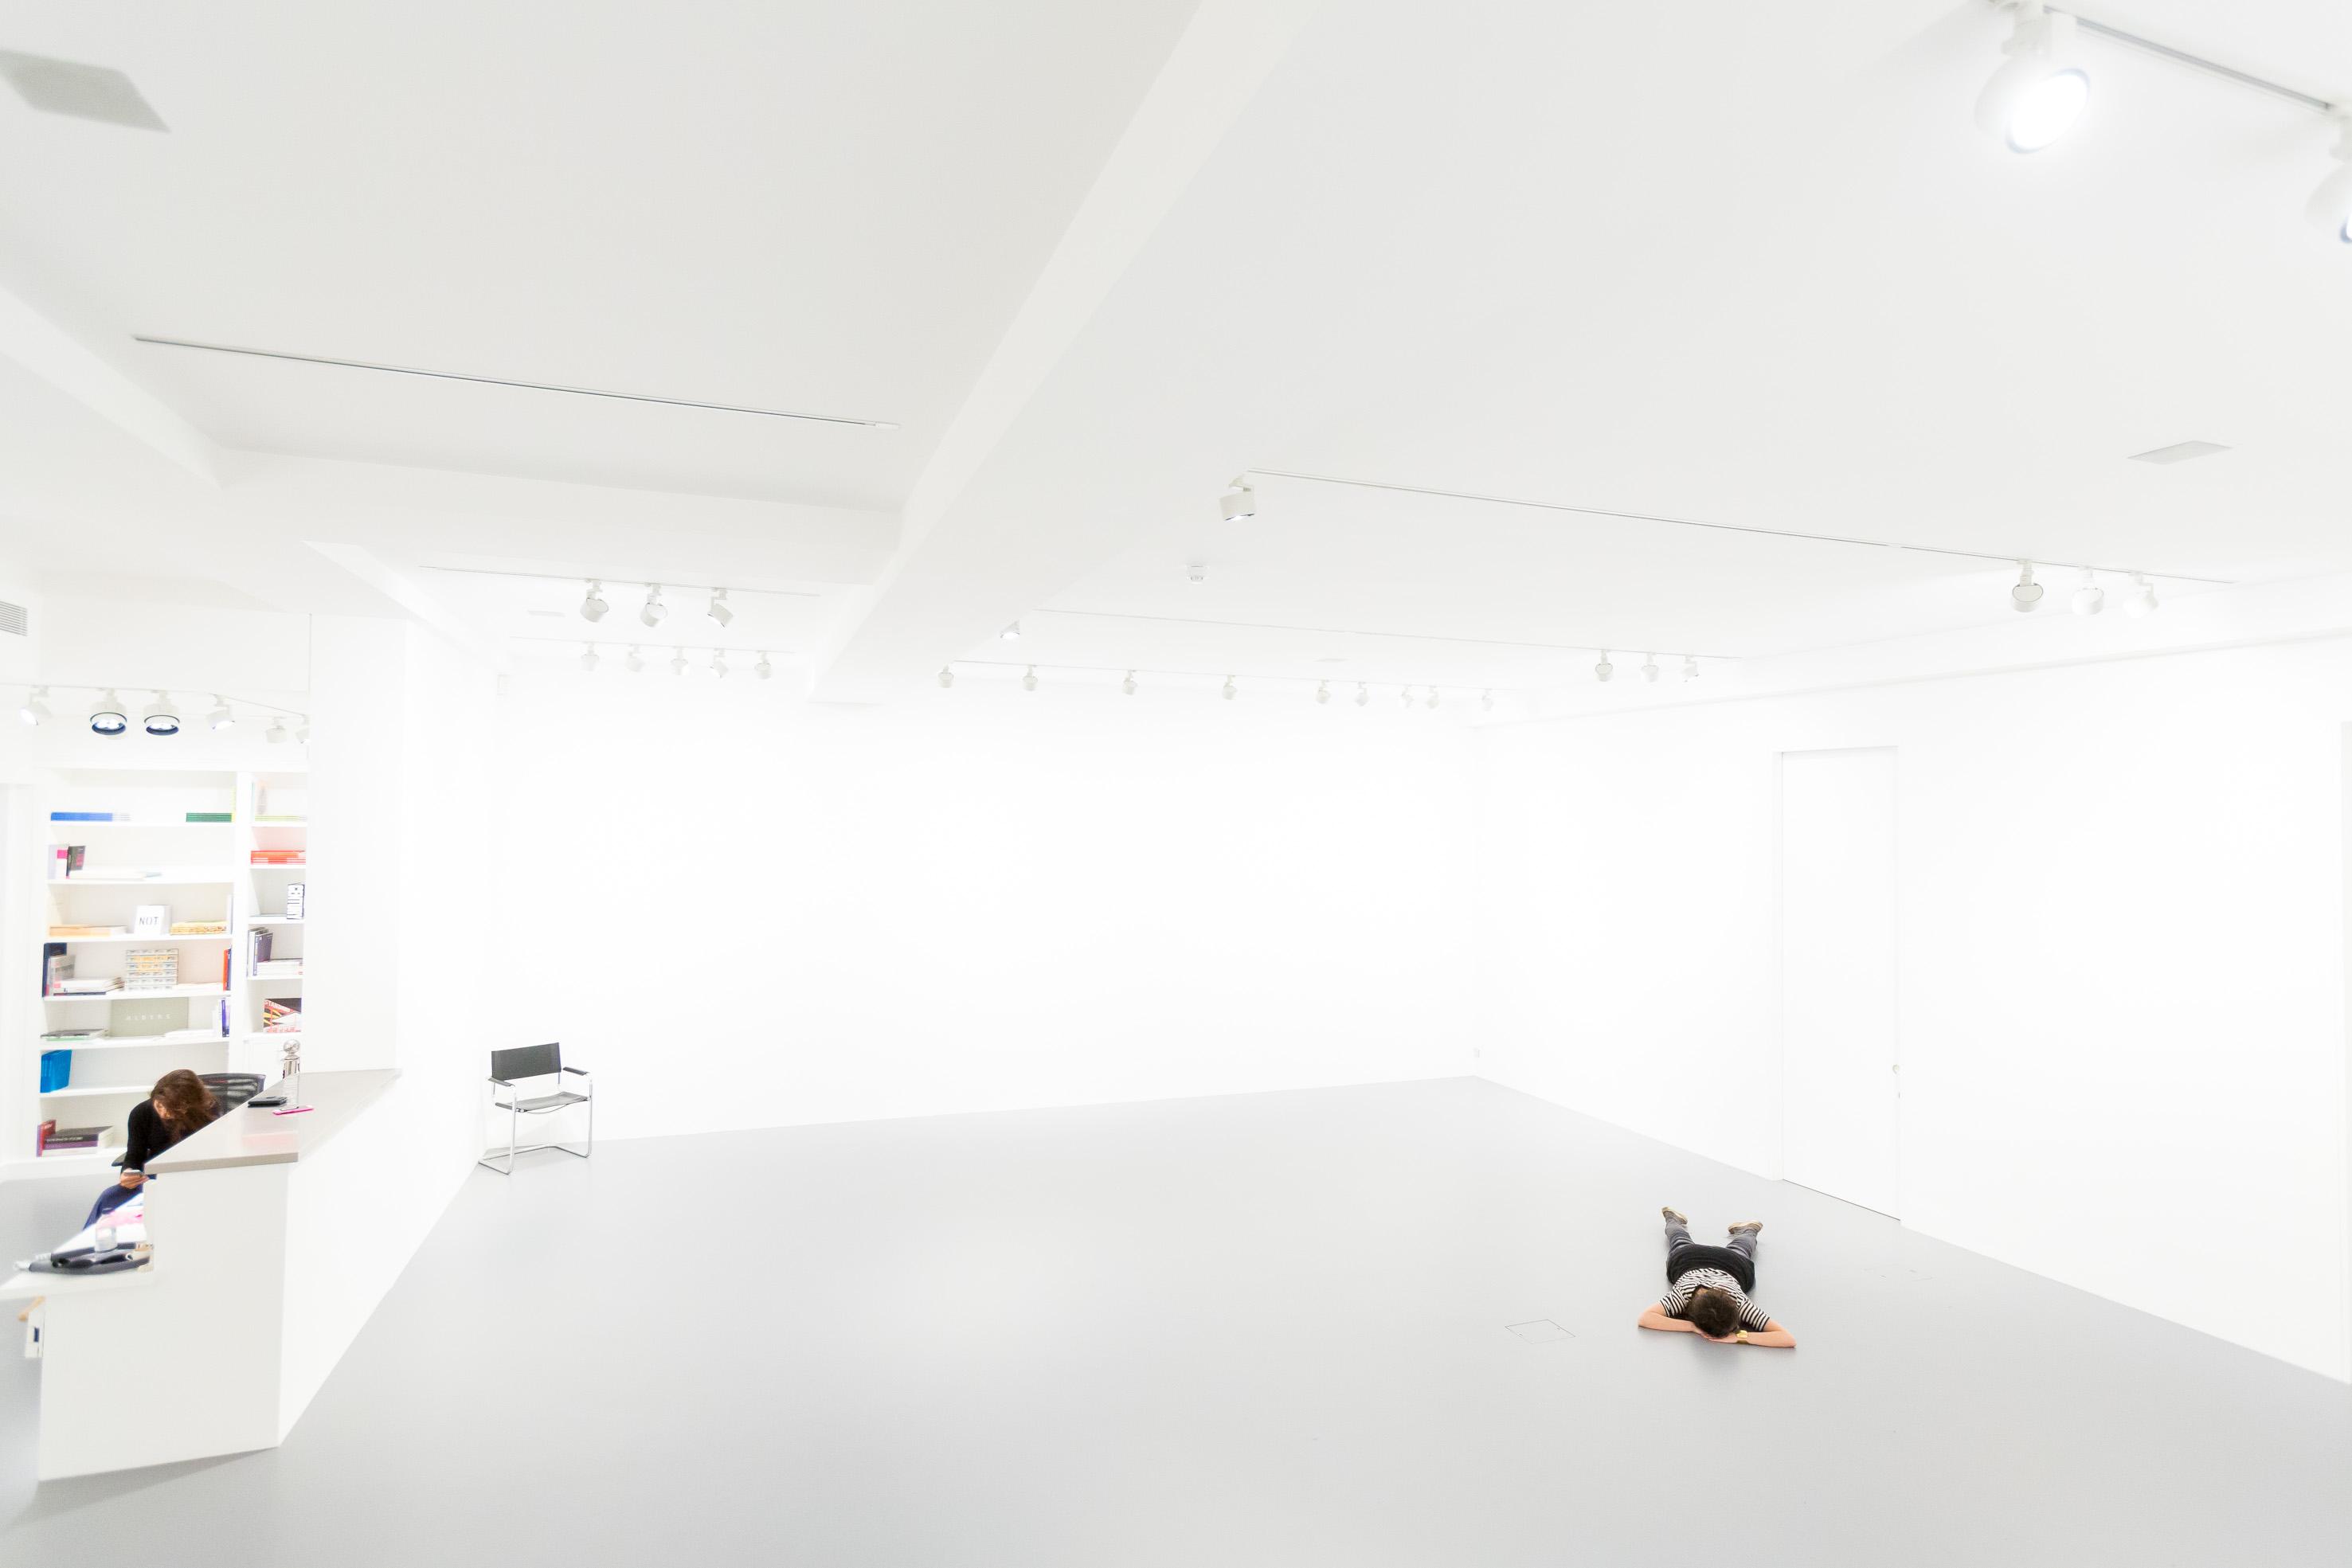 Lo spazio di Nahmad Projects a Londra durante la mostra I AM NOT di Tino Sehgal